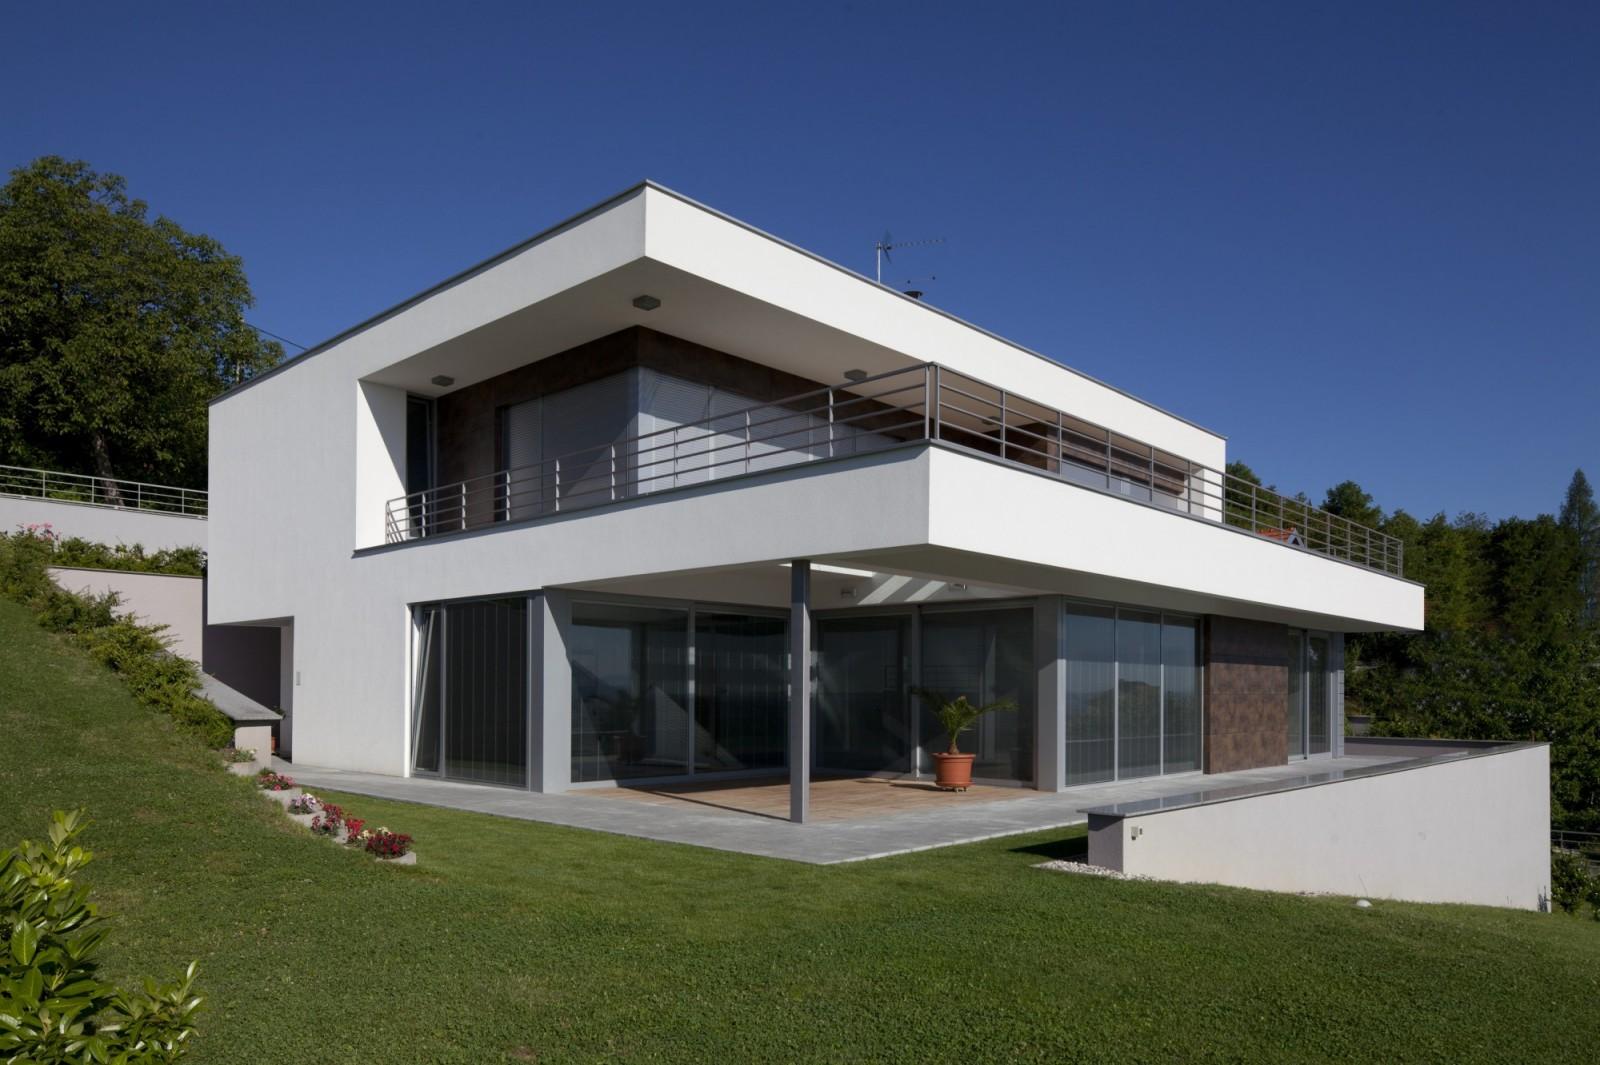 maison moderne sur terrain en pente